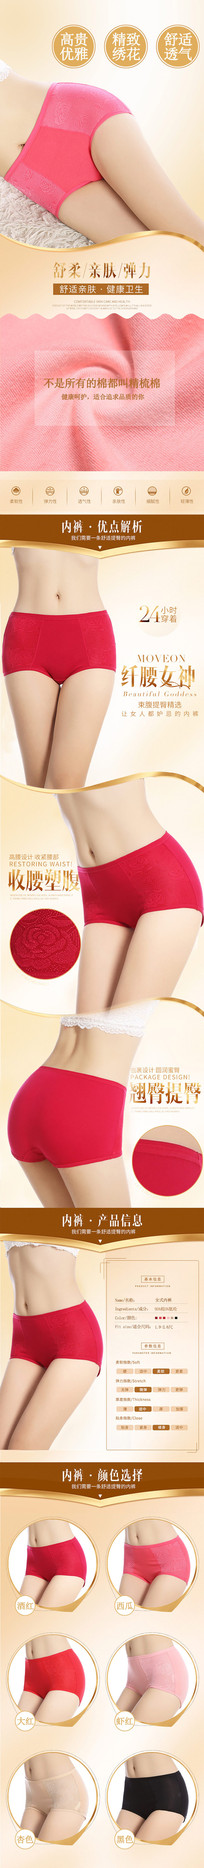 女士内裤模特详情页模板